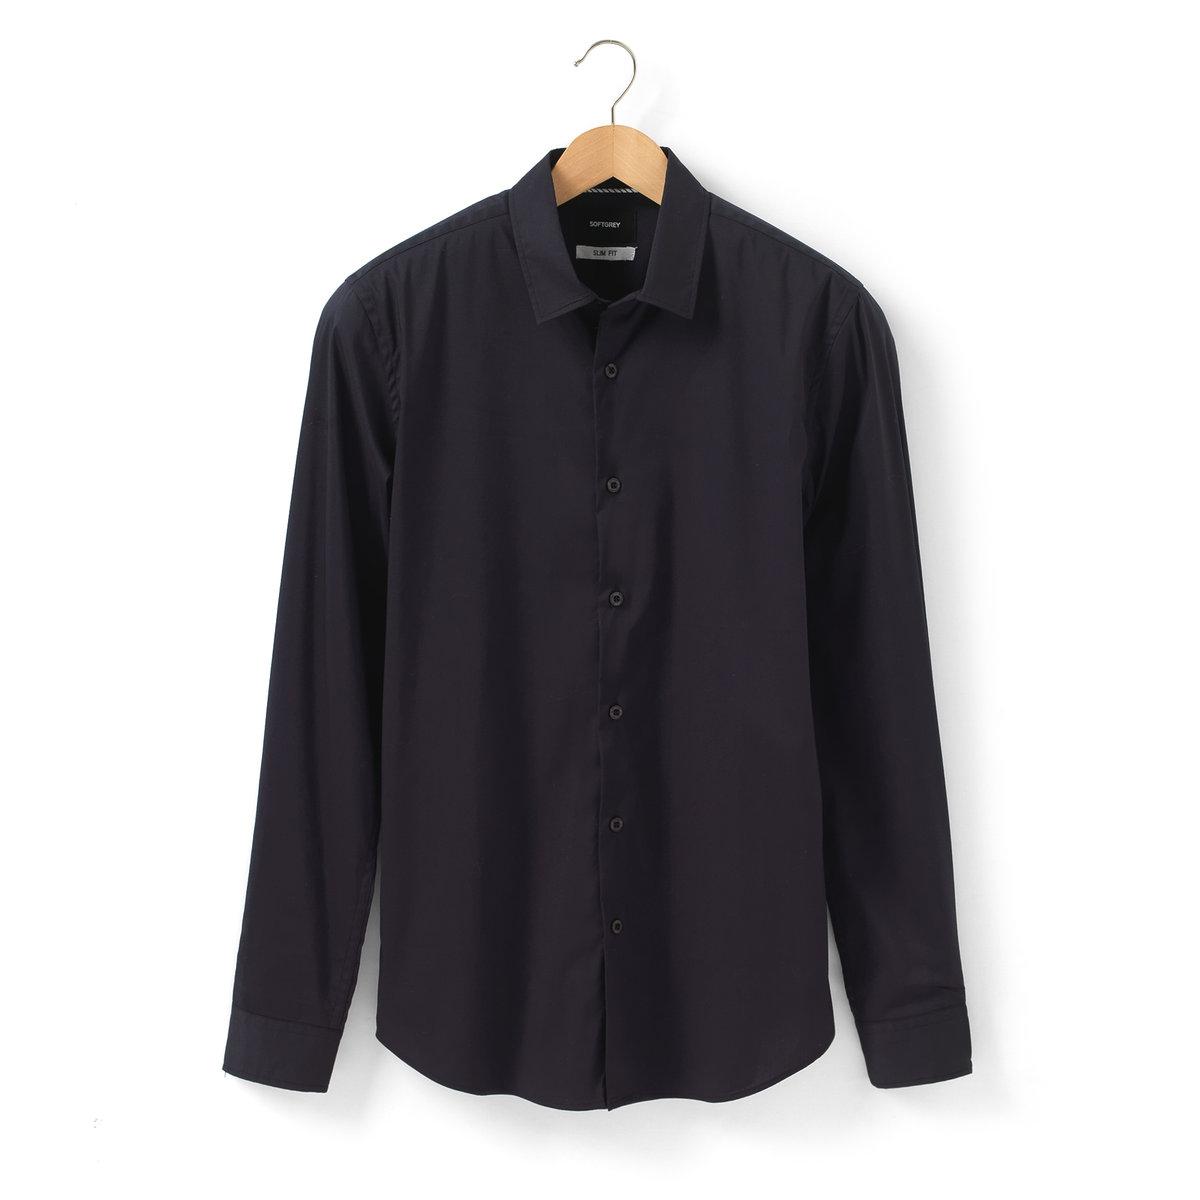 Рубашка облегающего покрояРубашка облегающего покроя. 100% хлопка. Свободные уголки воротника с пуговицами. Планка с пуговицами. Длинные рукава. Закругленный низ. Длина ок. 77 см.<br><br>Цвет: темно-синий<br>Размер: 39/40